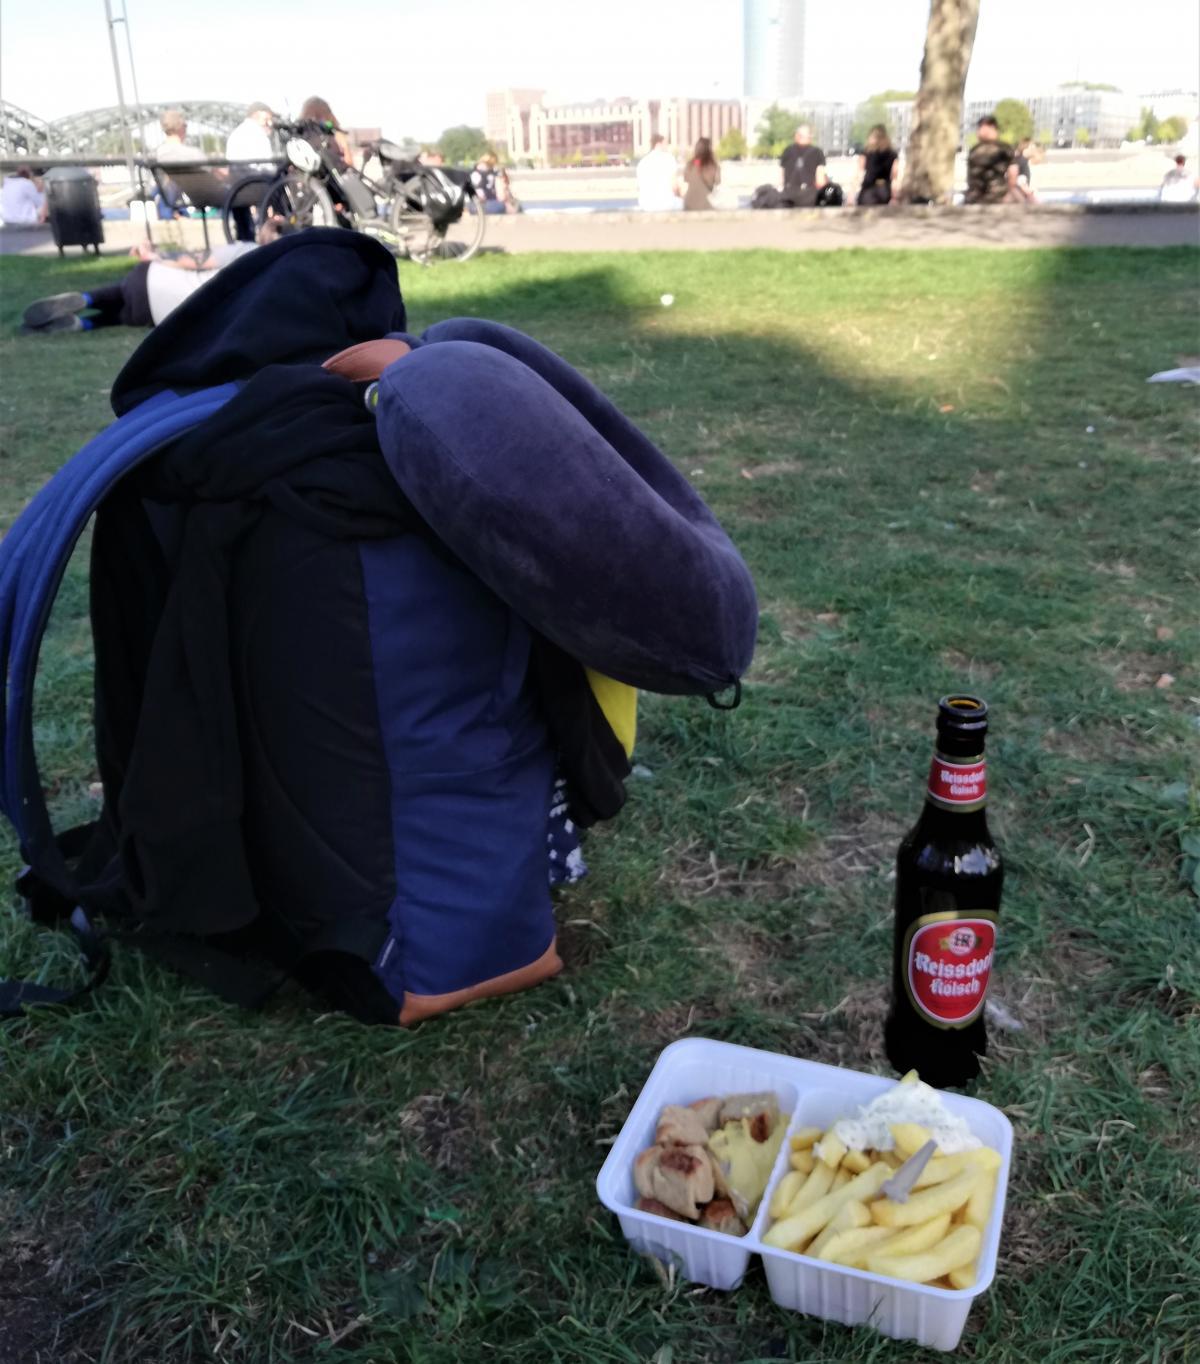 Той самий рюкзак, з яким ми пережили 17 днів в Європі / Фото Марина Григоренко